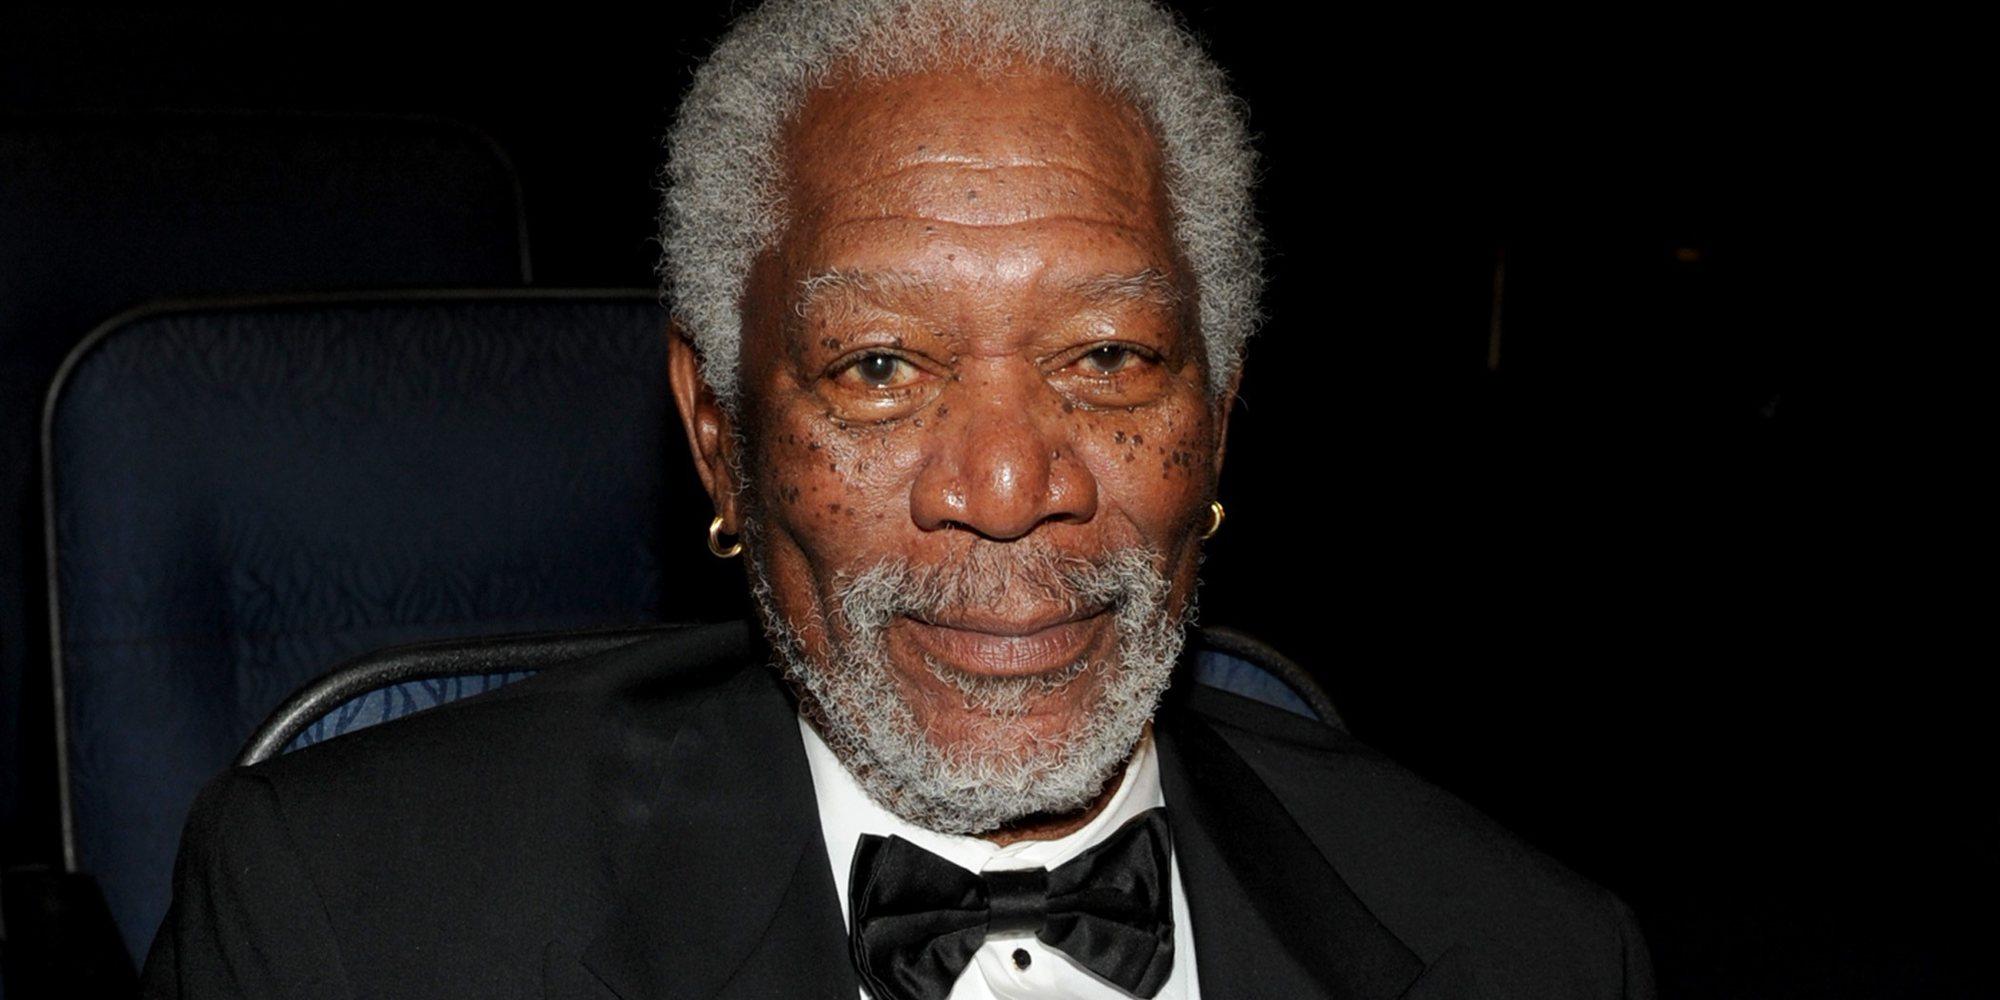 Morgan Freeman, acusado de acoso y comportamiento inapropiado